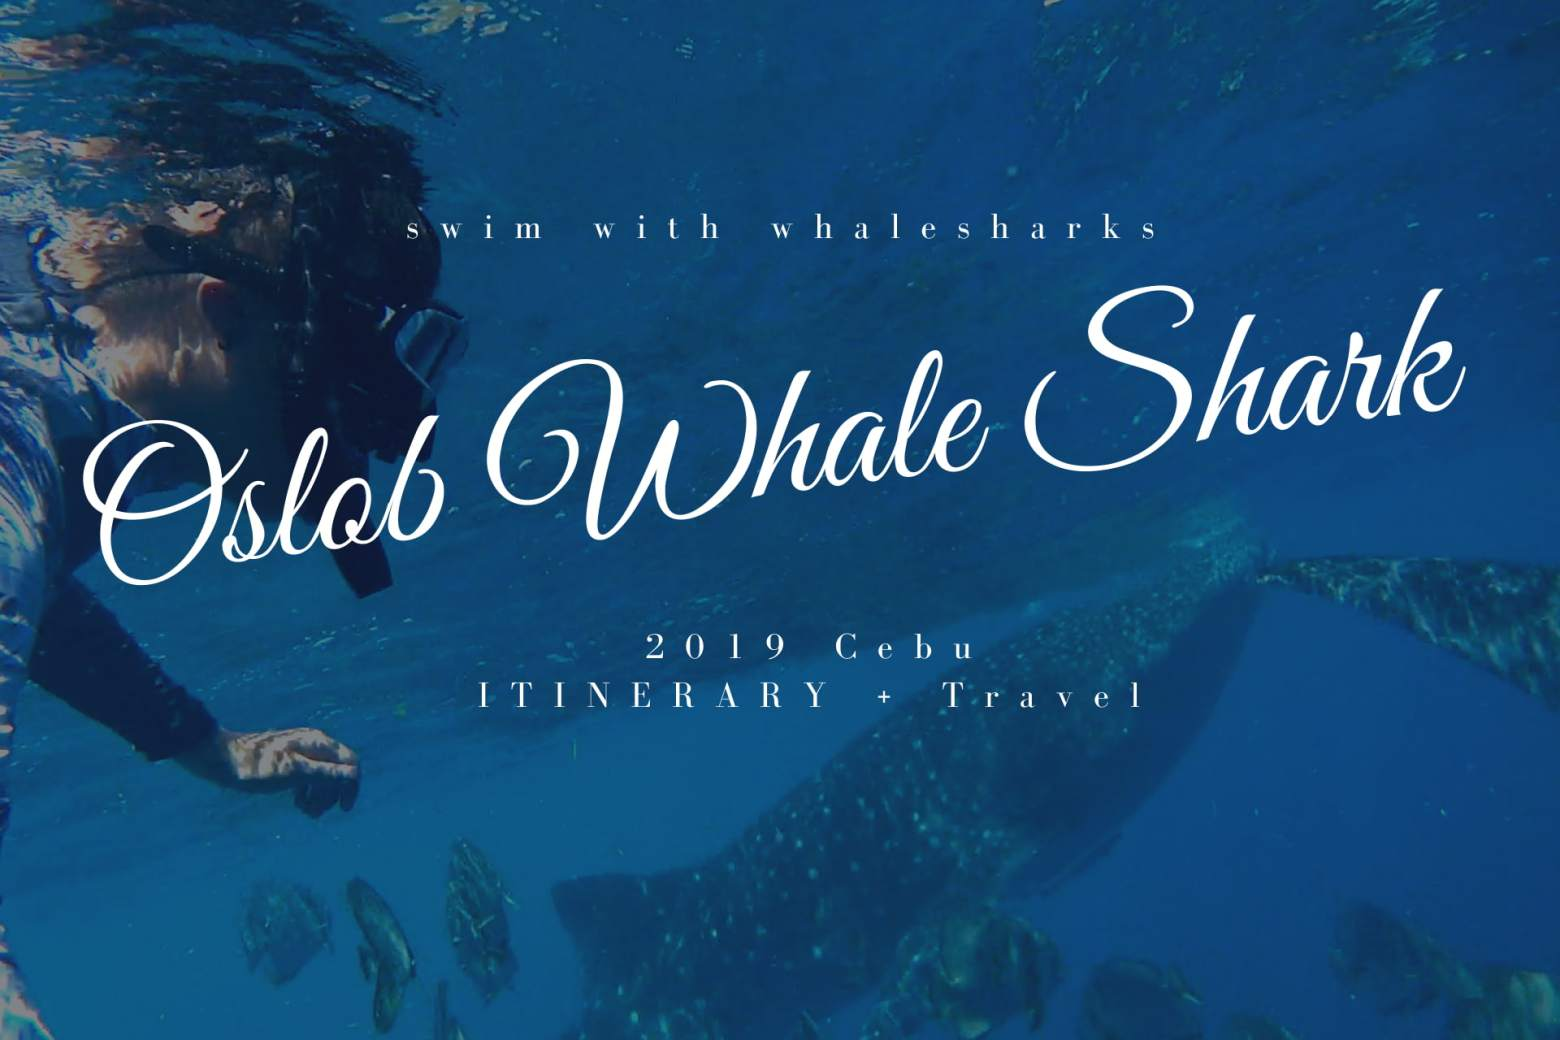 宿霧鯨鯊一日遊》到Oslob鯨鯊共遊吧!一生必訪宿霧小漁村(交通、花費)